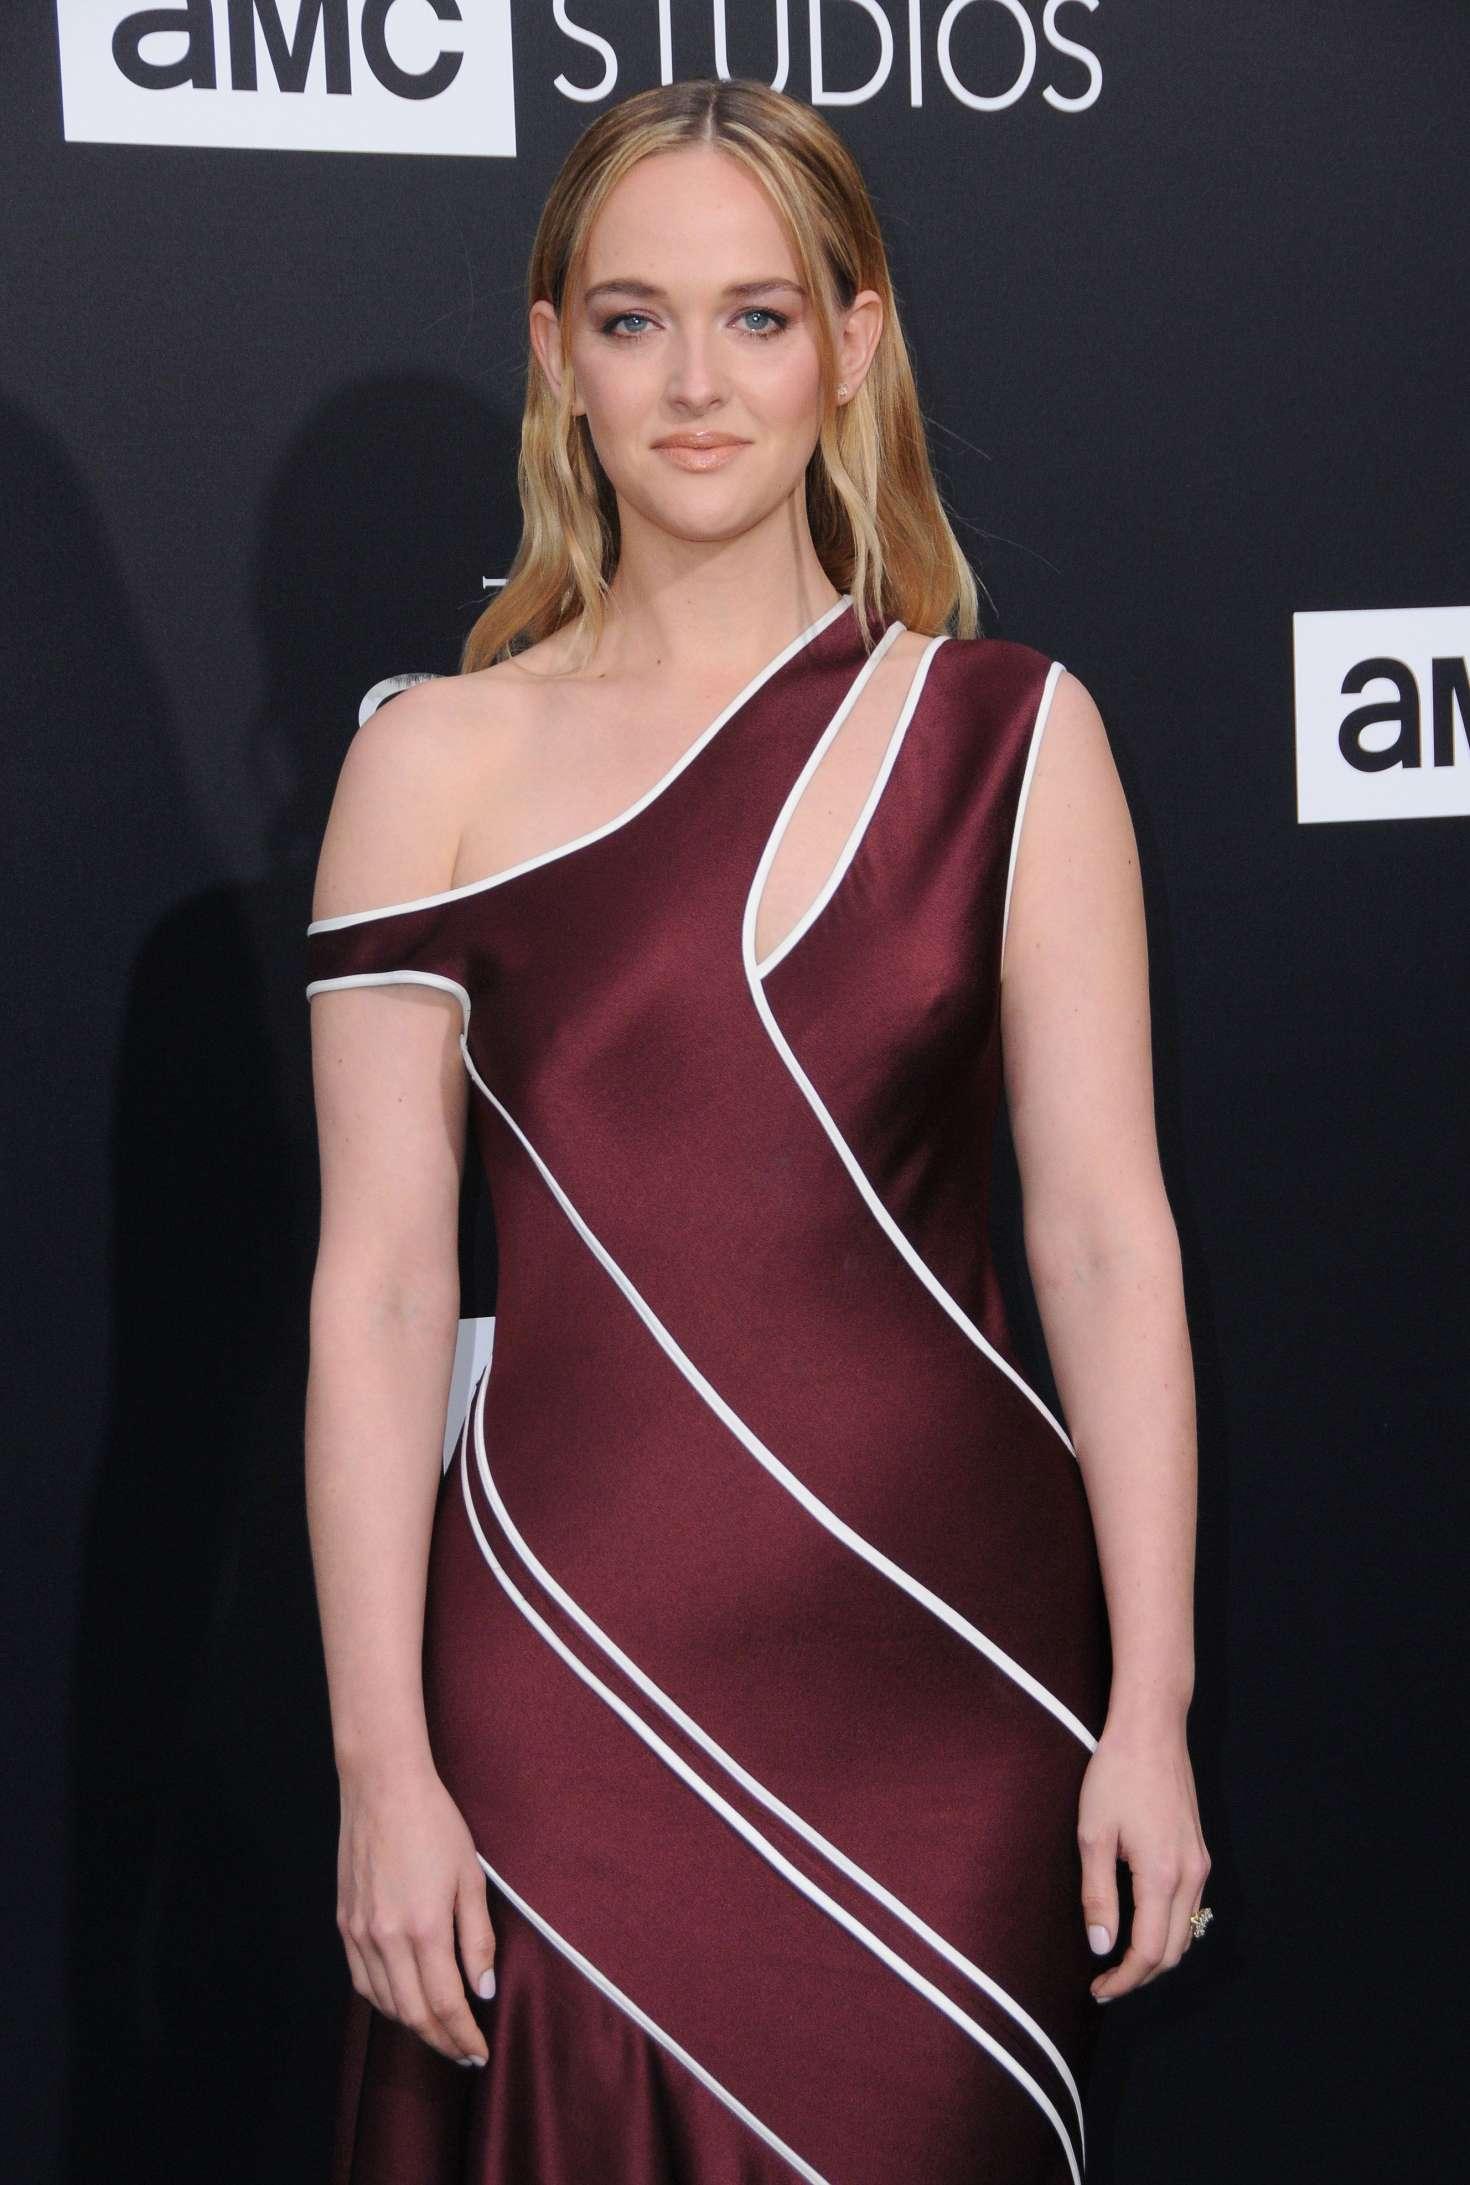 Jess weixler it premiere in los angeles - 2019 year